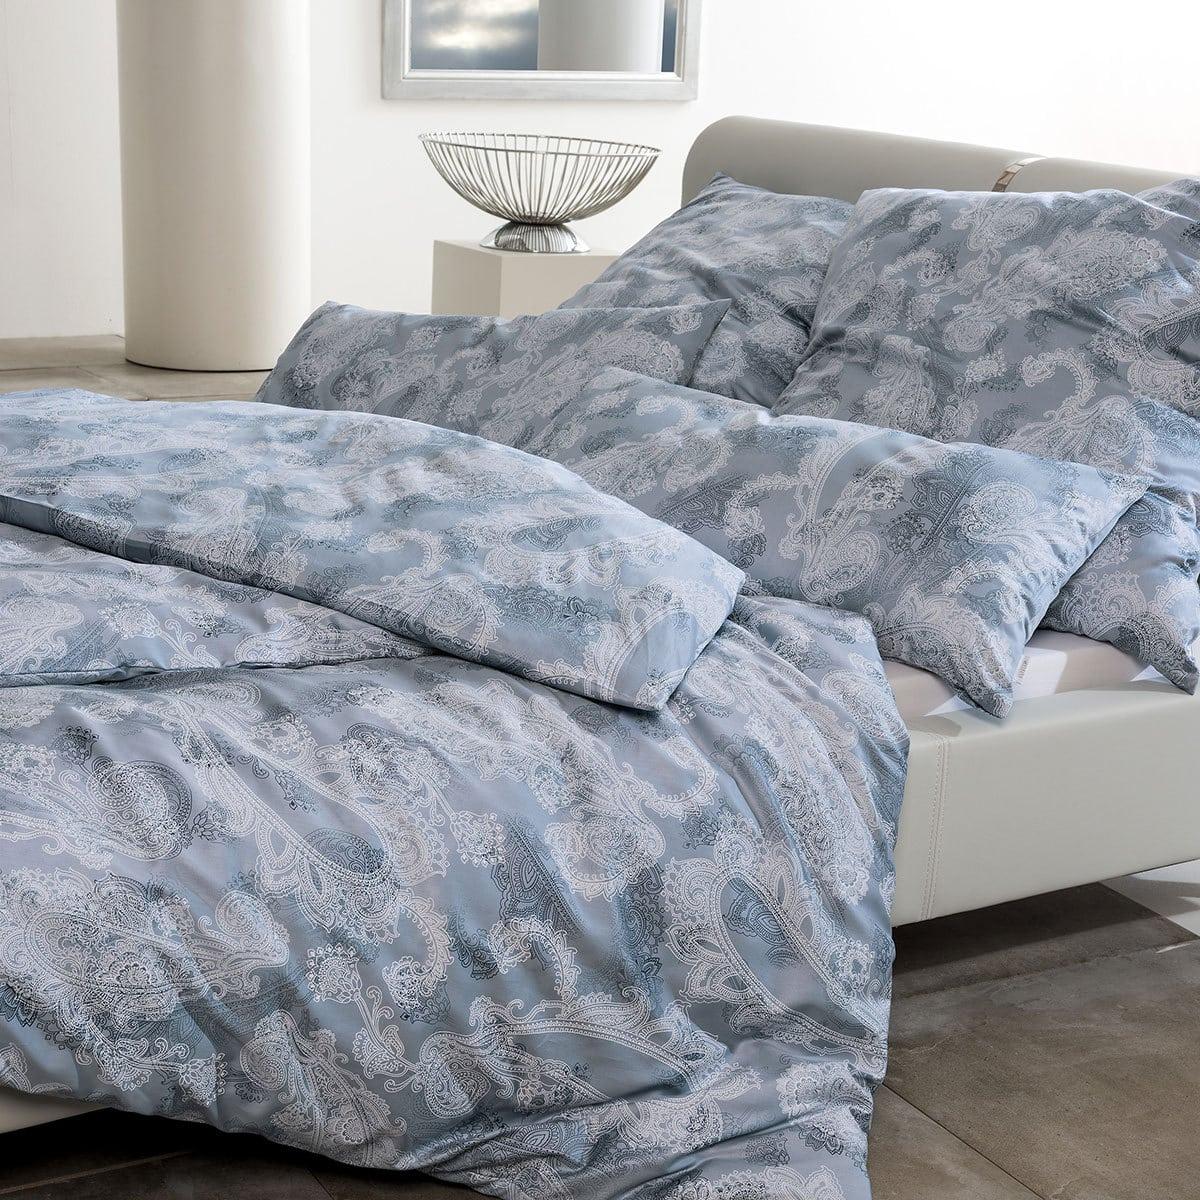 estella schweizer premium satin bettw sche amelie taube g nstig online kaufen bei bettwaren shop. Black Bedroom Furniture Sets. Home Design Ideas